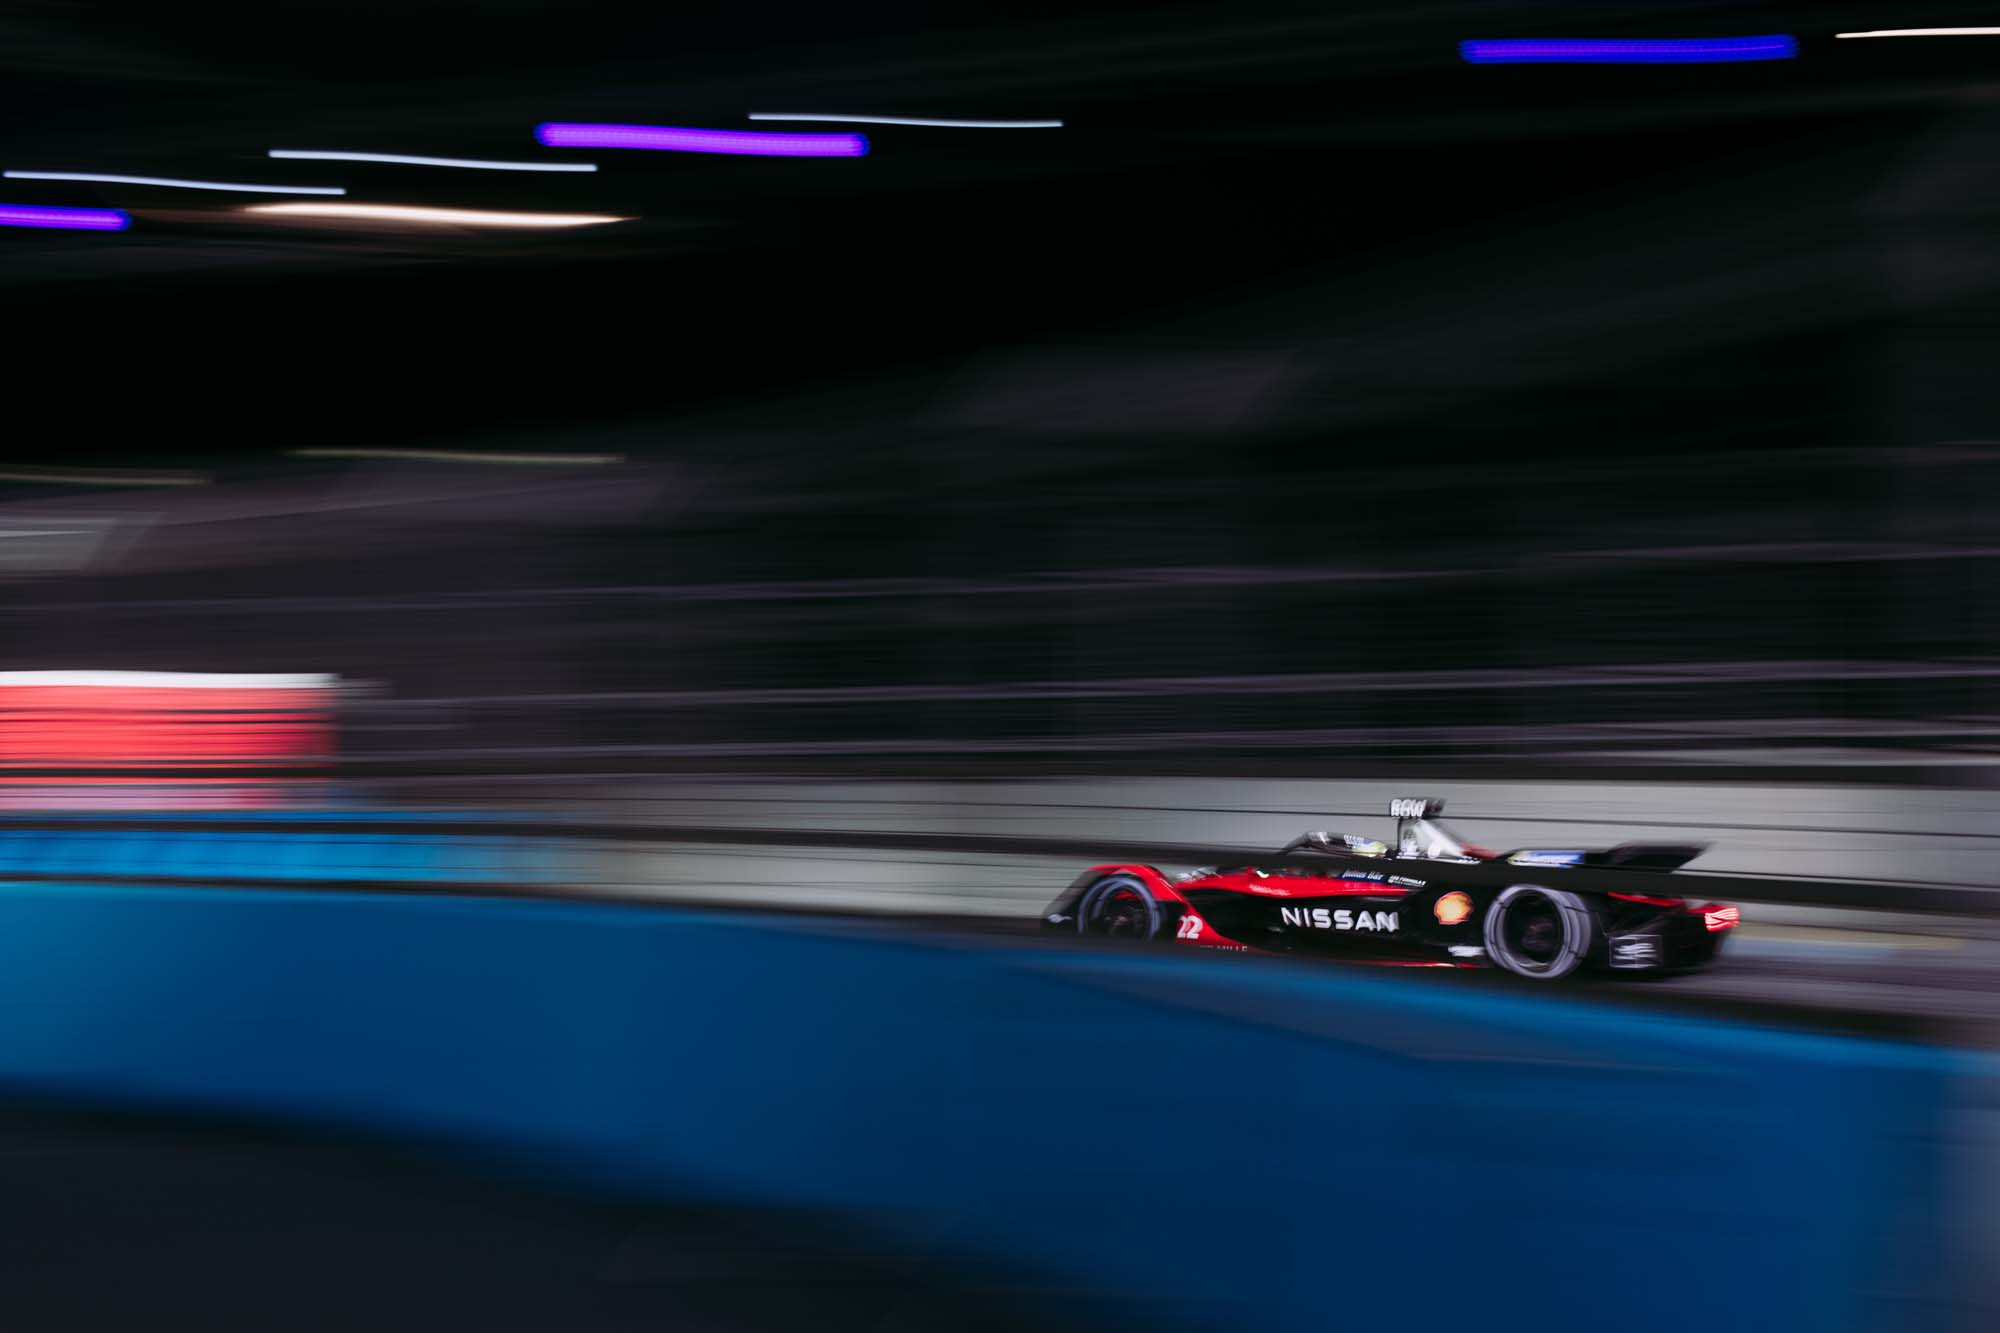 Η Nissan e.dams θα αγωνιστεί στο Βερολίνο, για το φινάλε της σεζόν στην Formula E